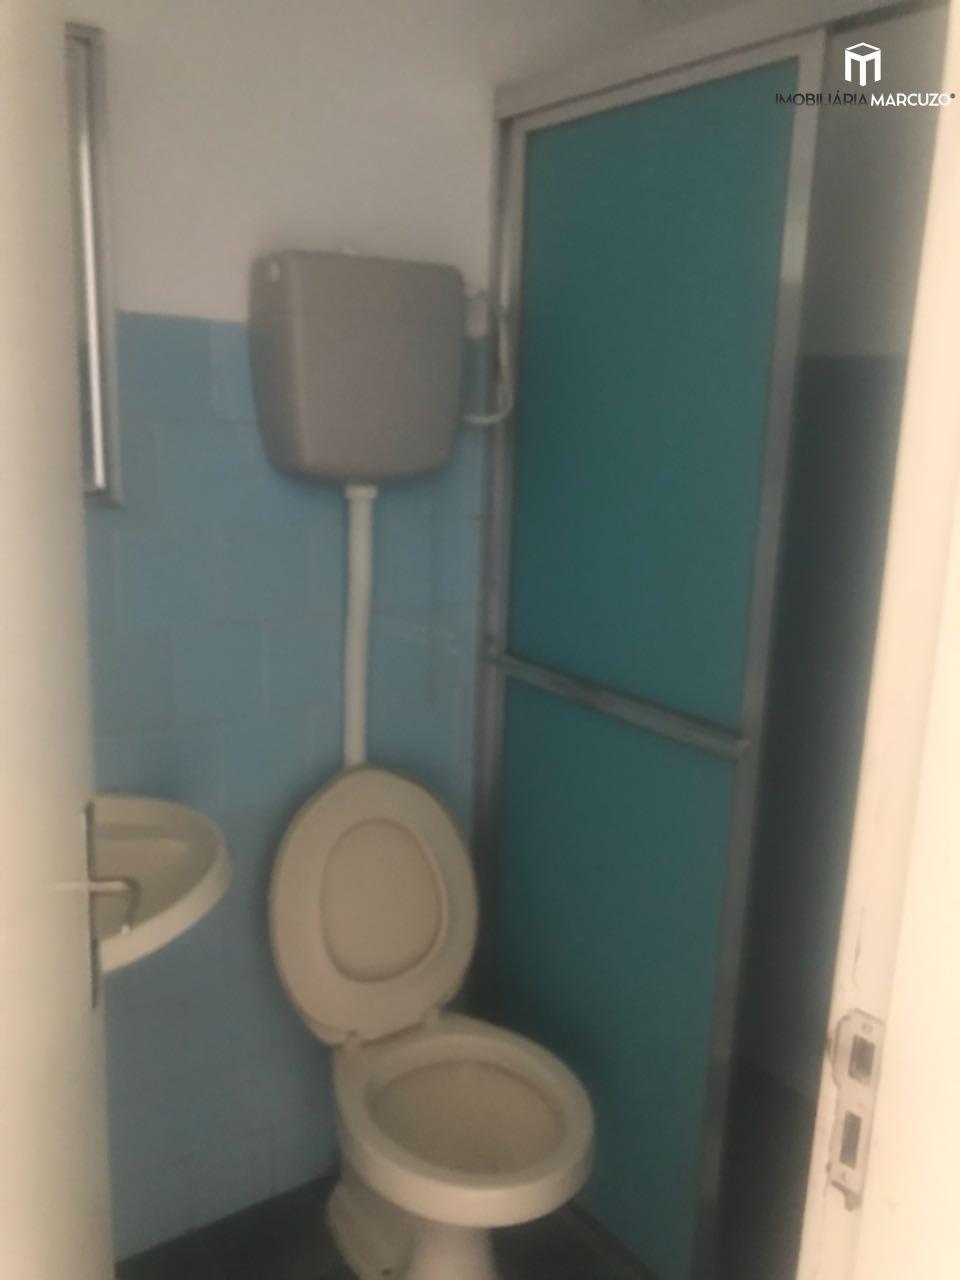 Apartamento com 2 Dormitórios à venda, 67 m² por R$ 200.000,00